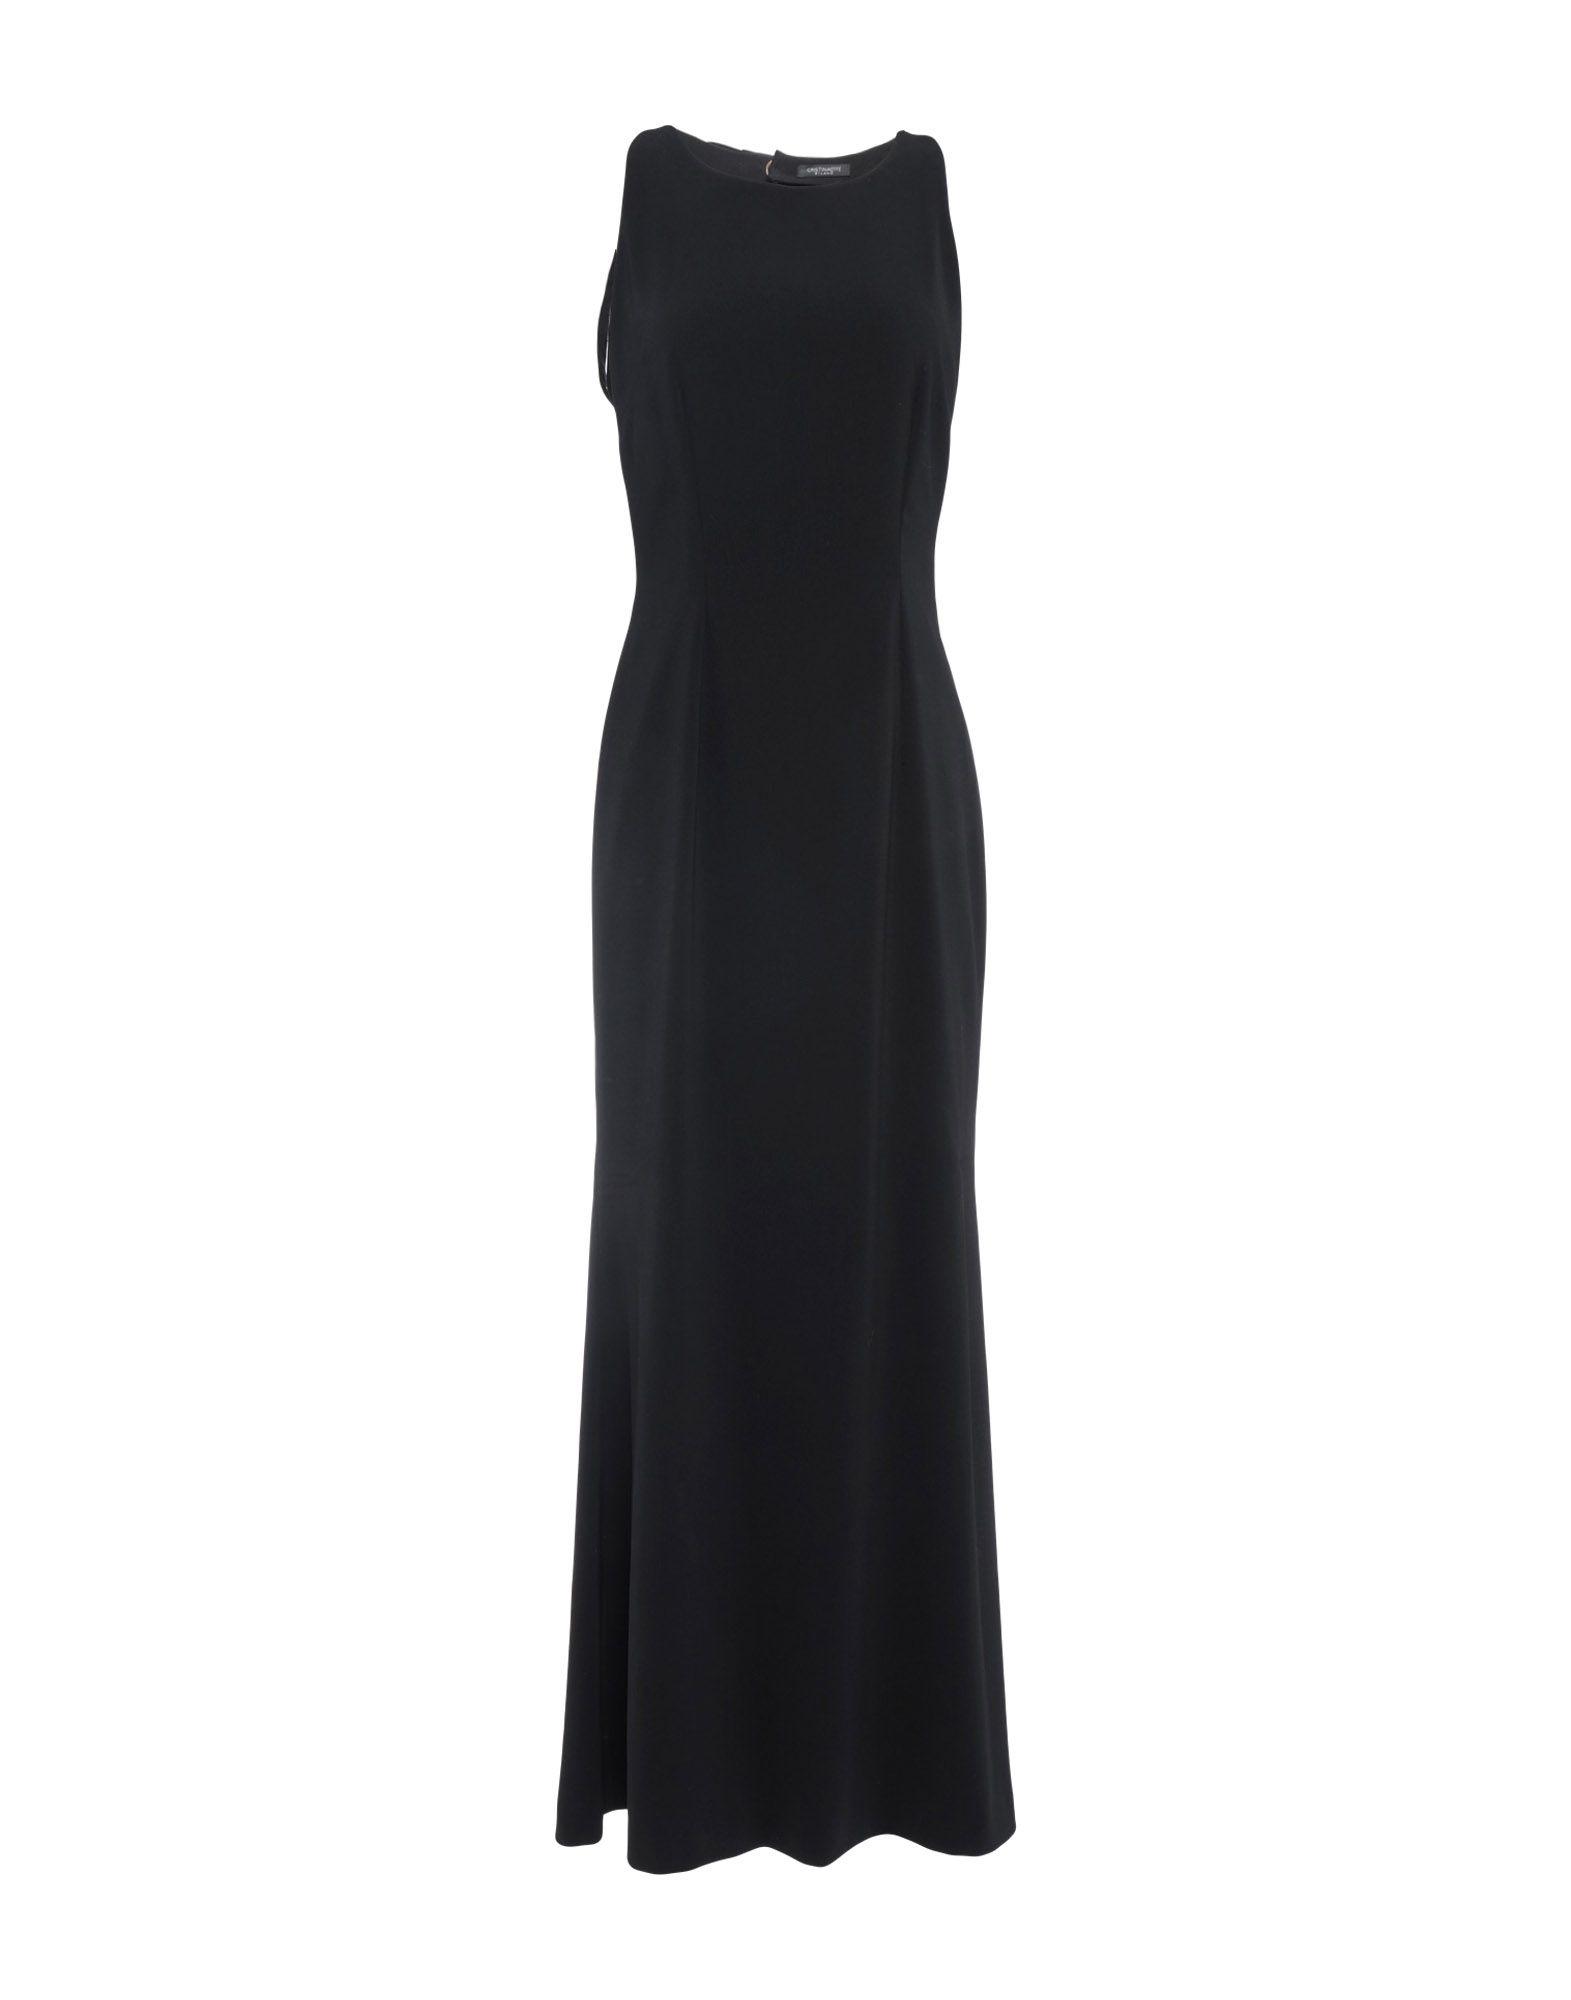 CRISTINAEFFE Длинное платье hitorat платье элегантной моды юбка 2015 осень зима новый стиль длинное платье рукав